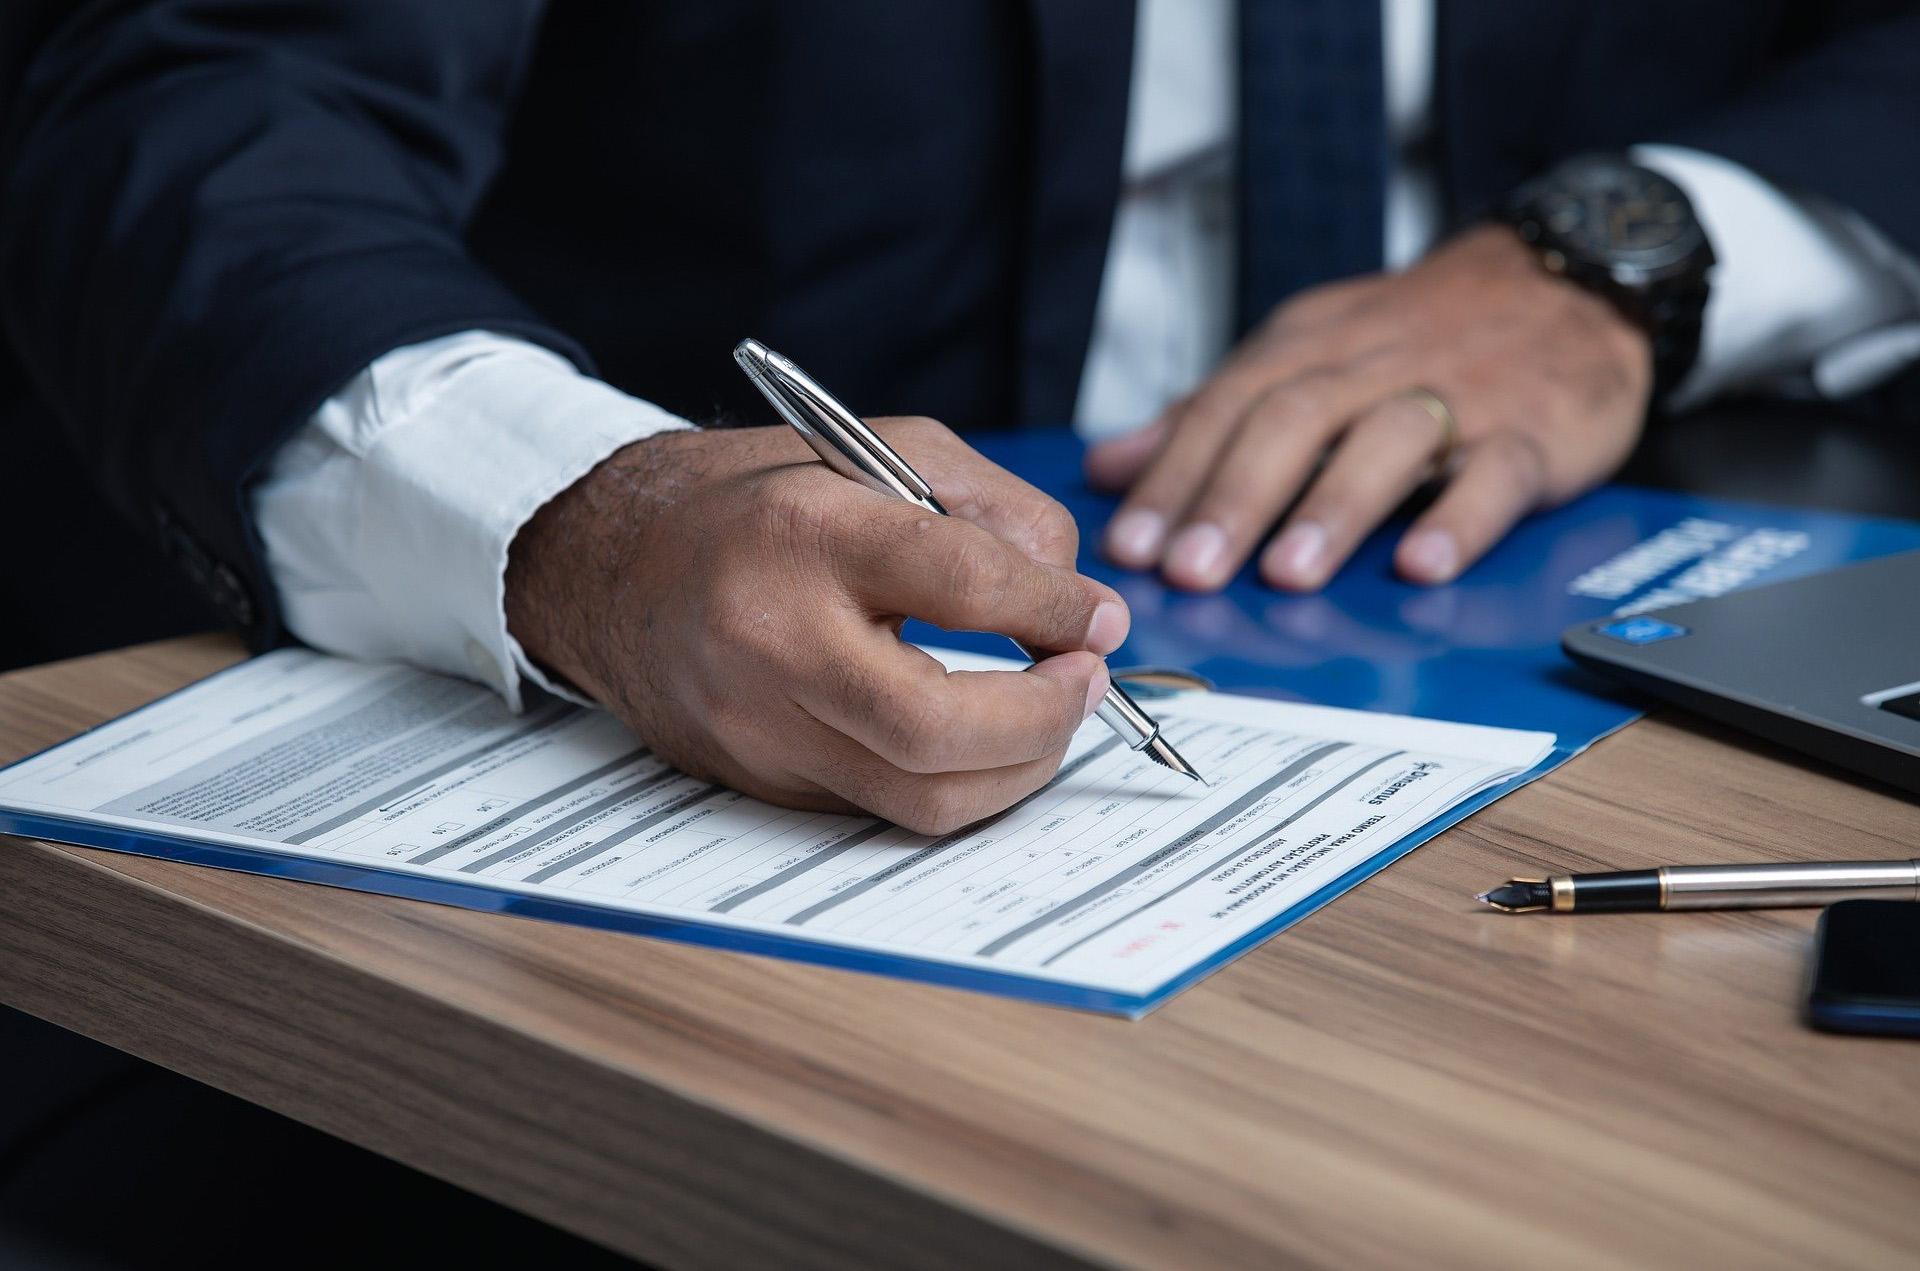 Адвокат по КАСКО поможет решить любые страховые споры